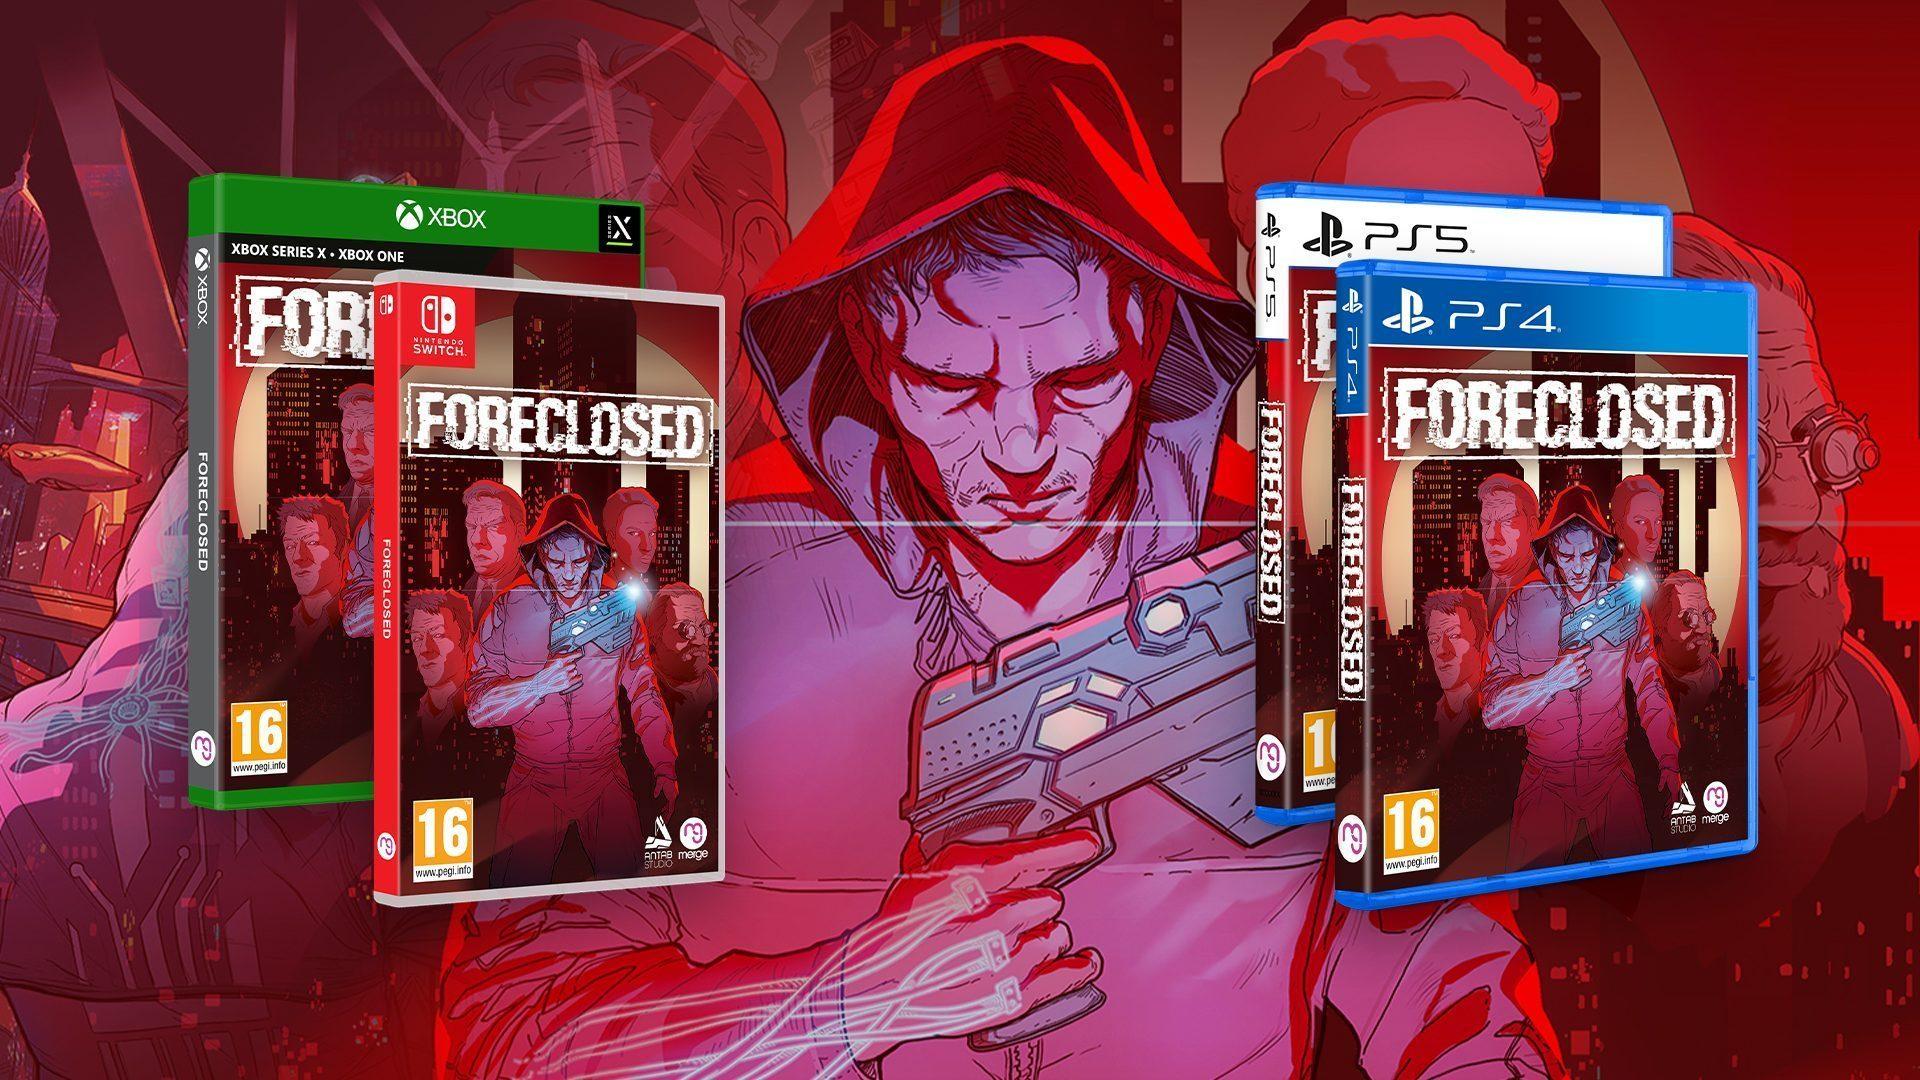 Jeux_Foreclosed_Visuel_RS_V3